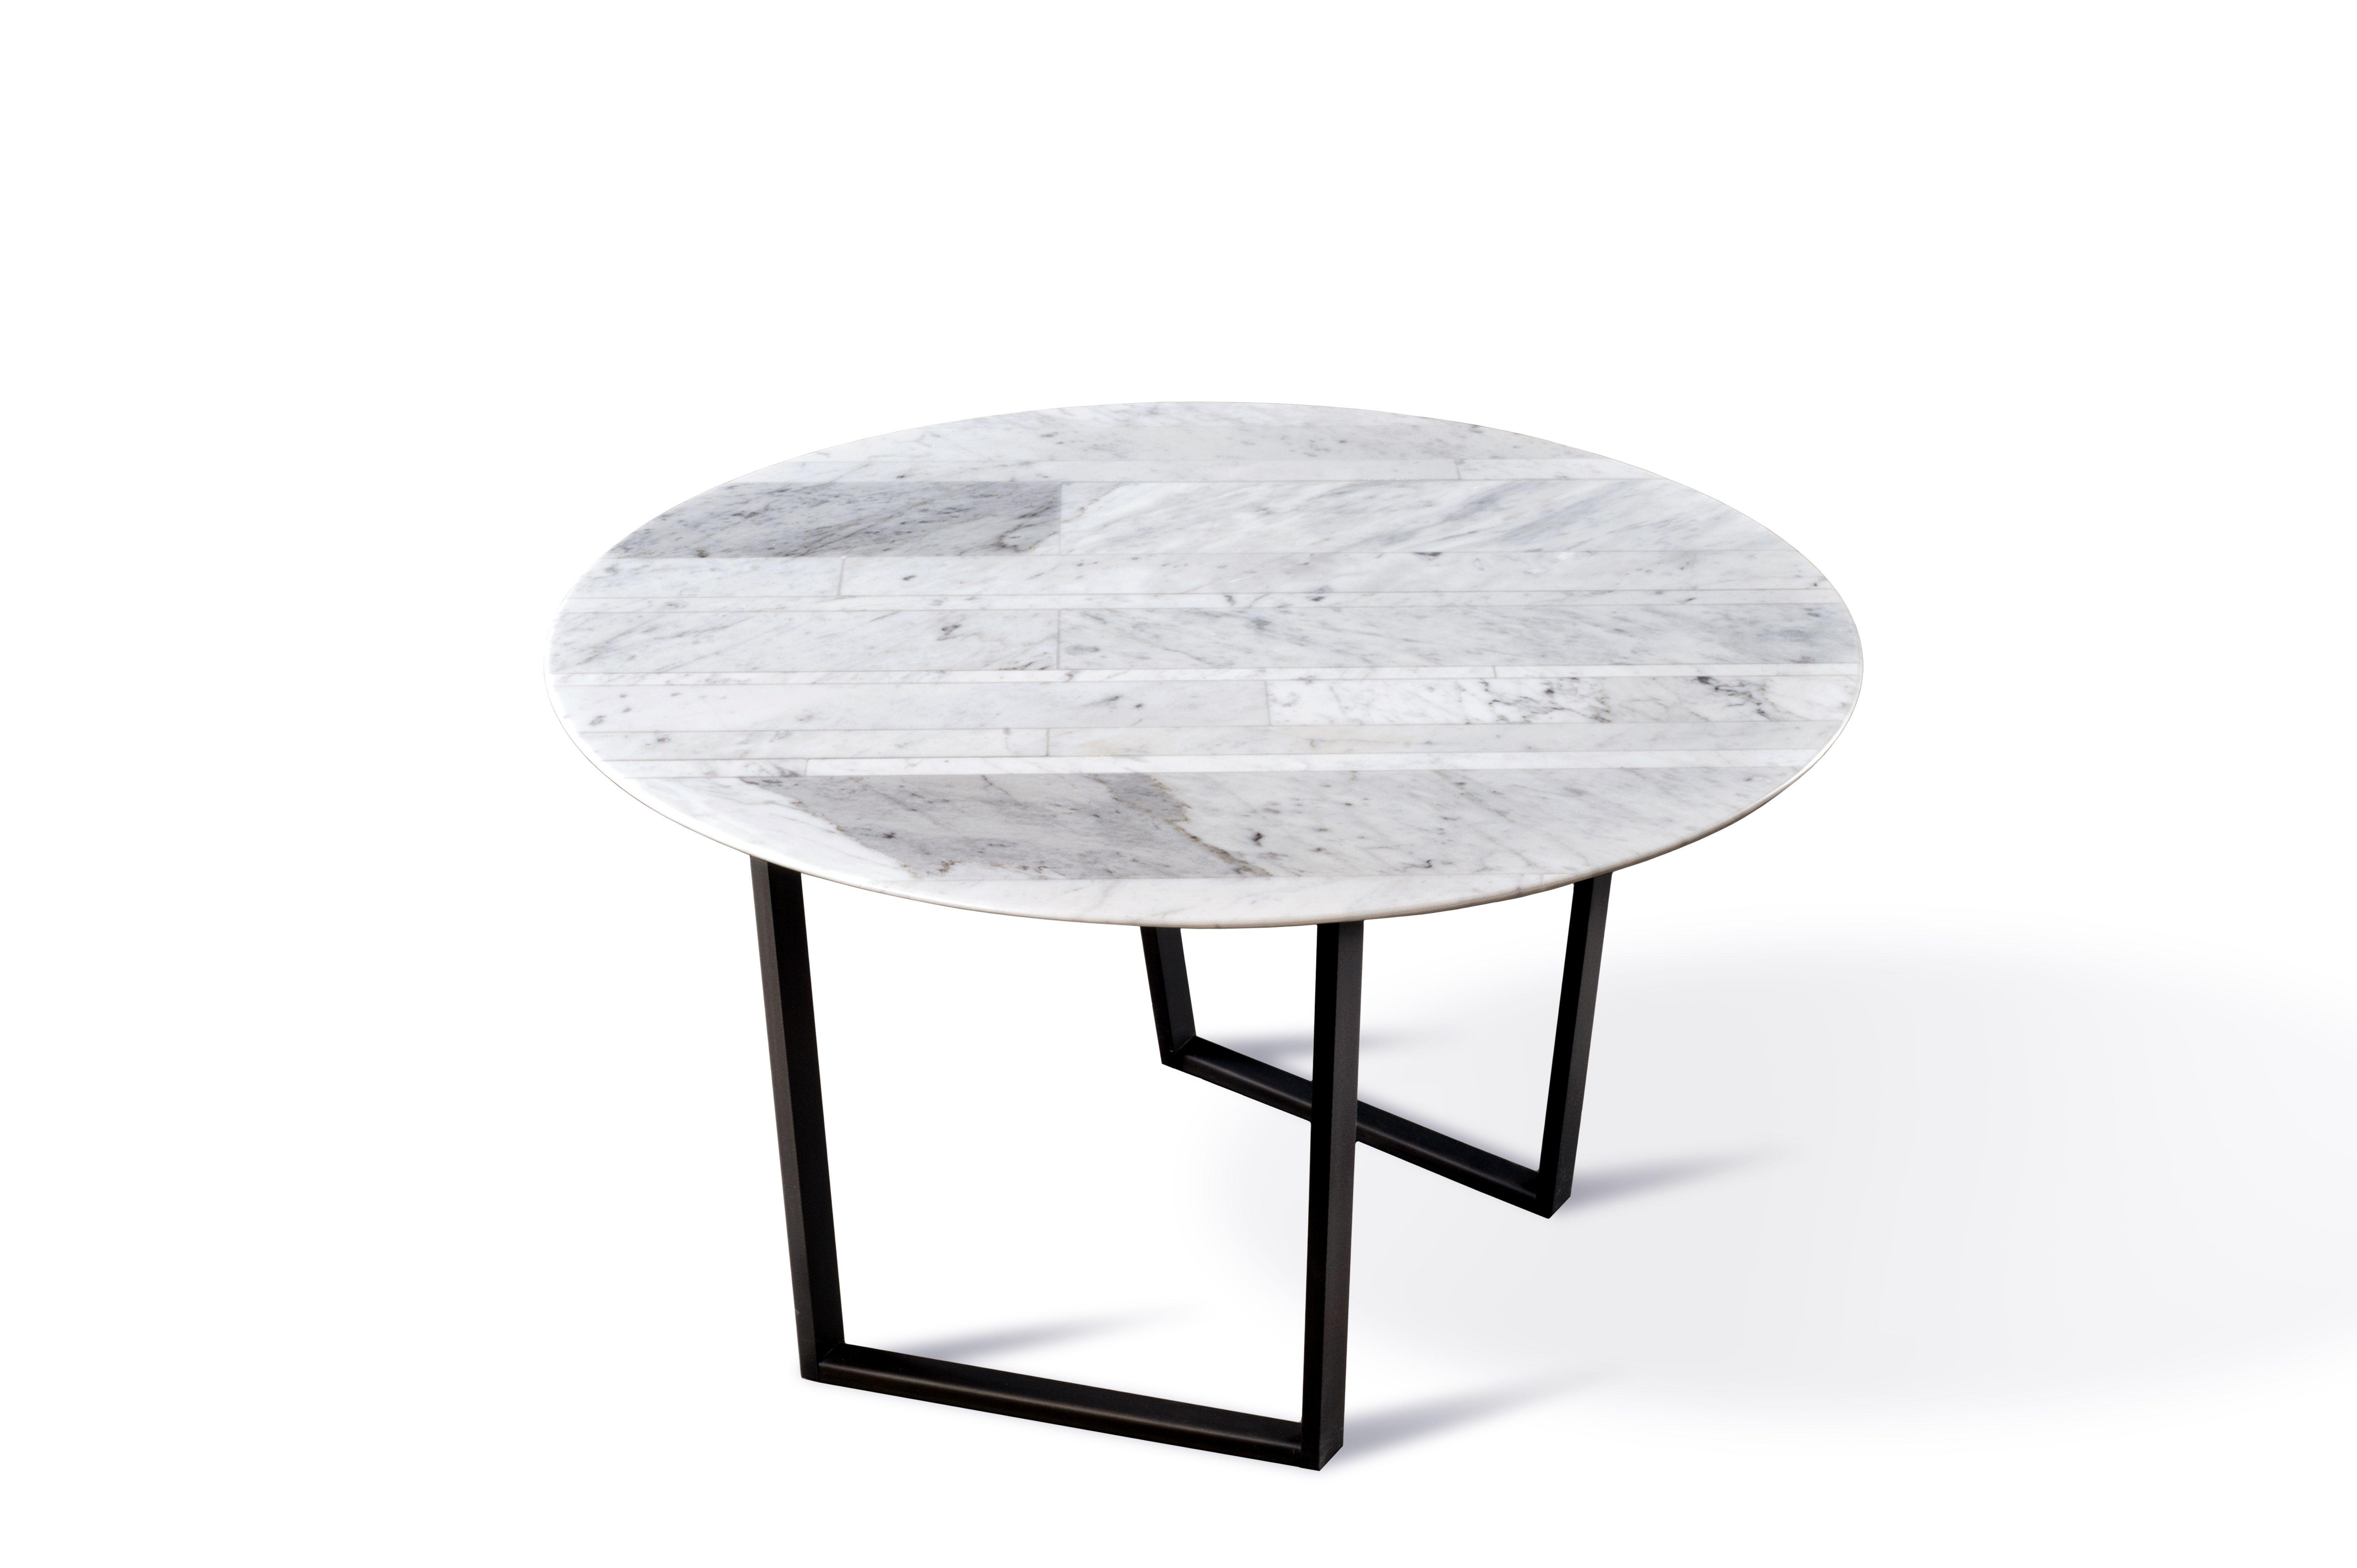 Dritto Side Table In White Carrara Lithoverde Designed By Piero Lissoni And Salvatori Tavoli Marmi Idee